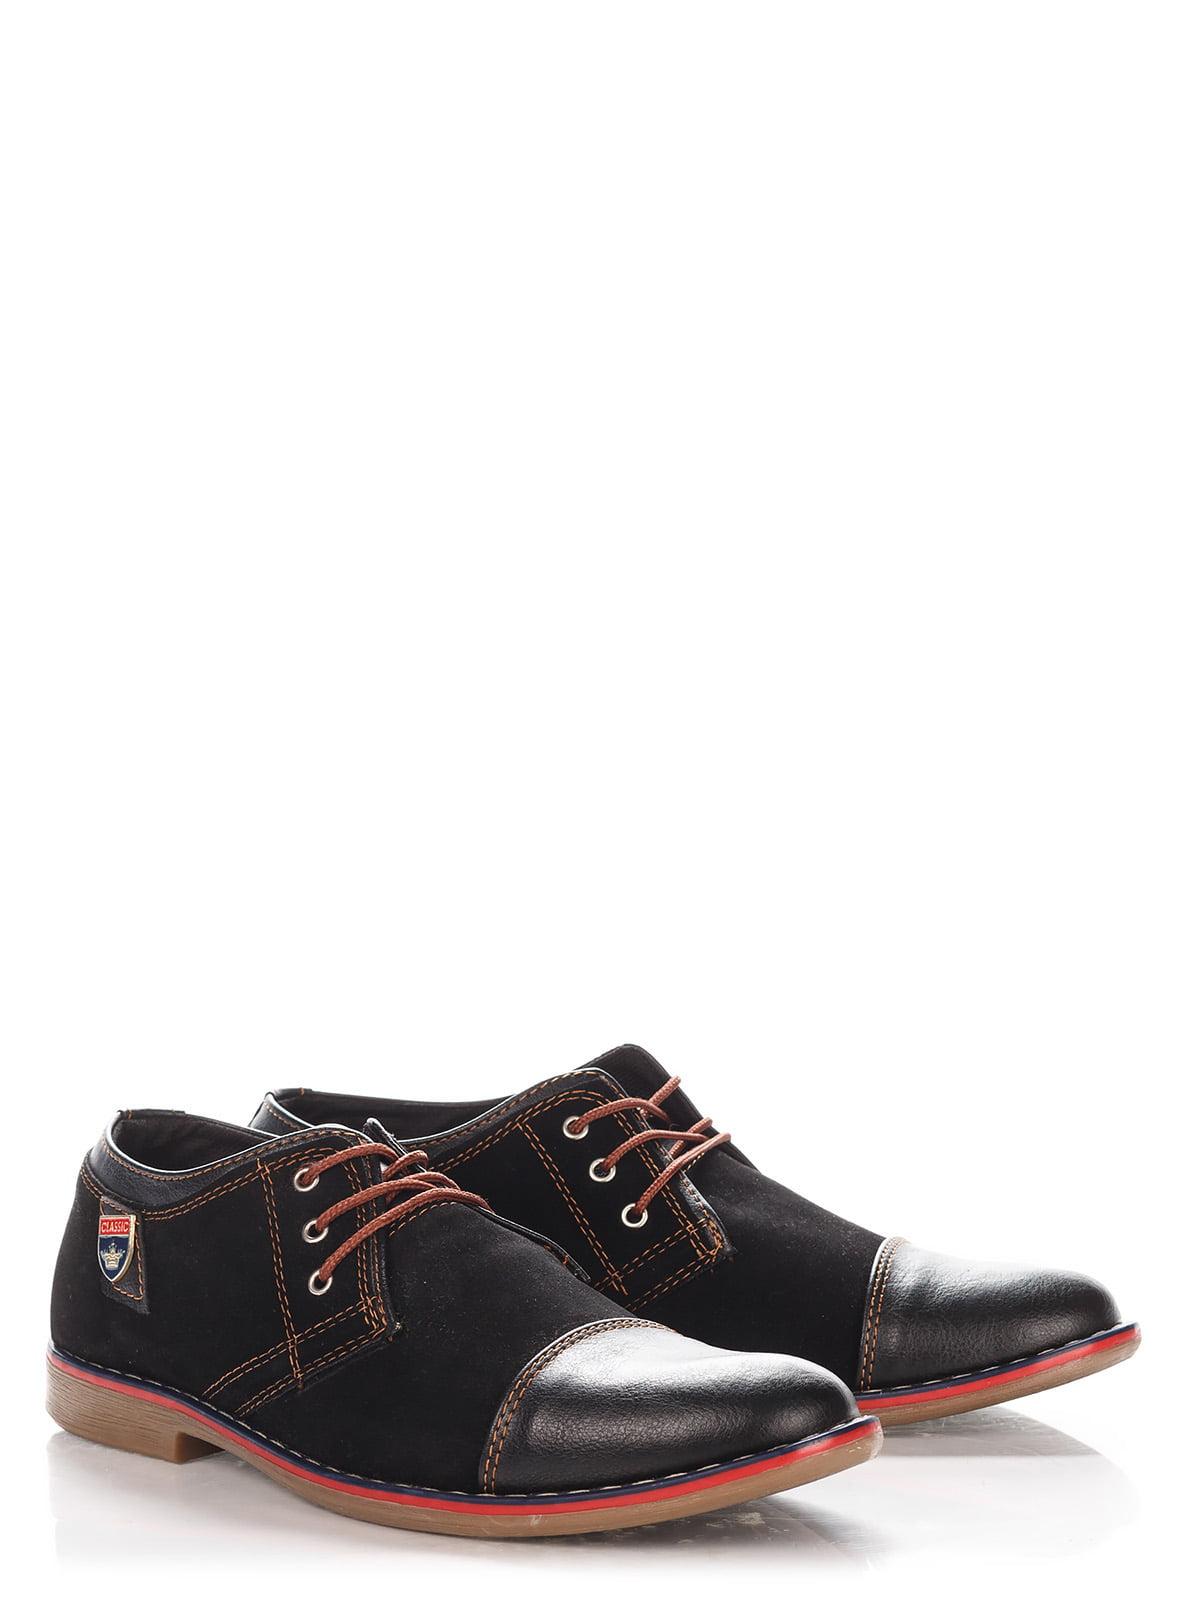 Туфли темно-коричневые   3507081